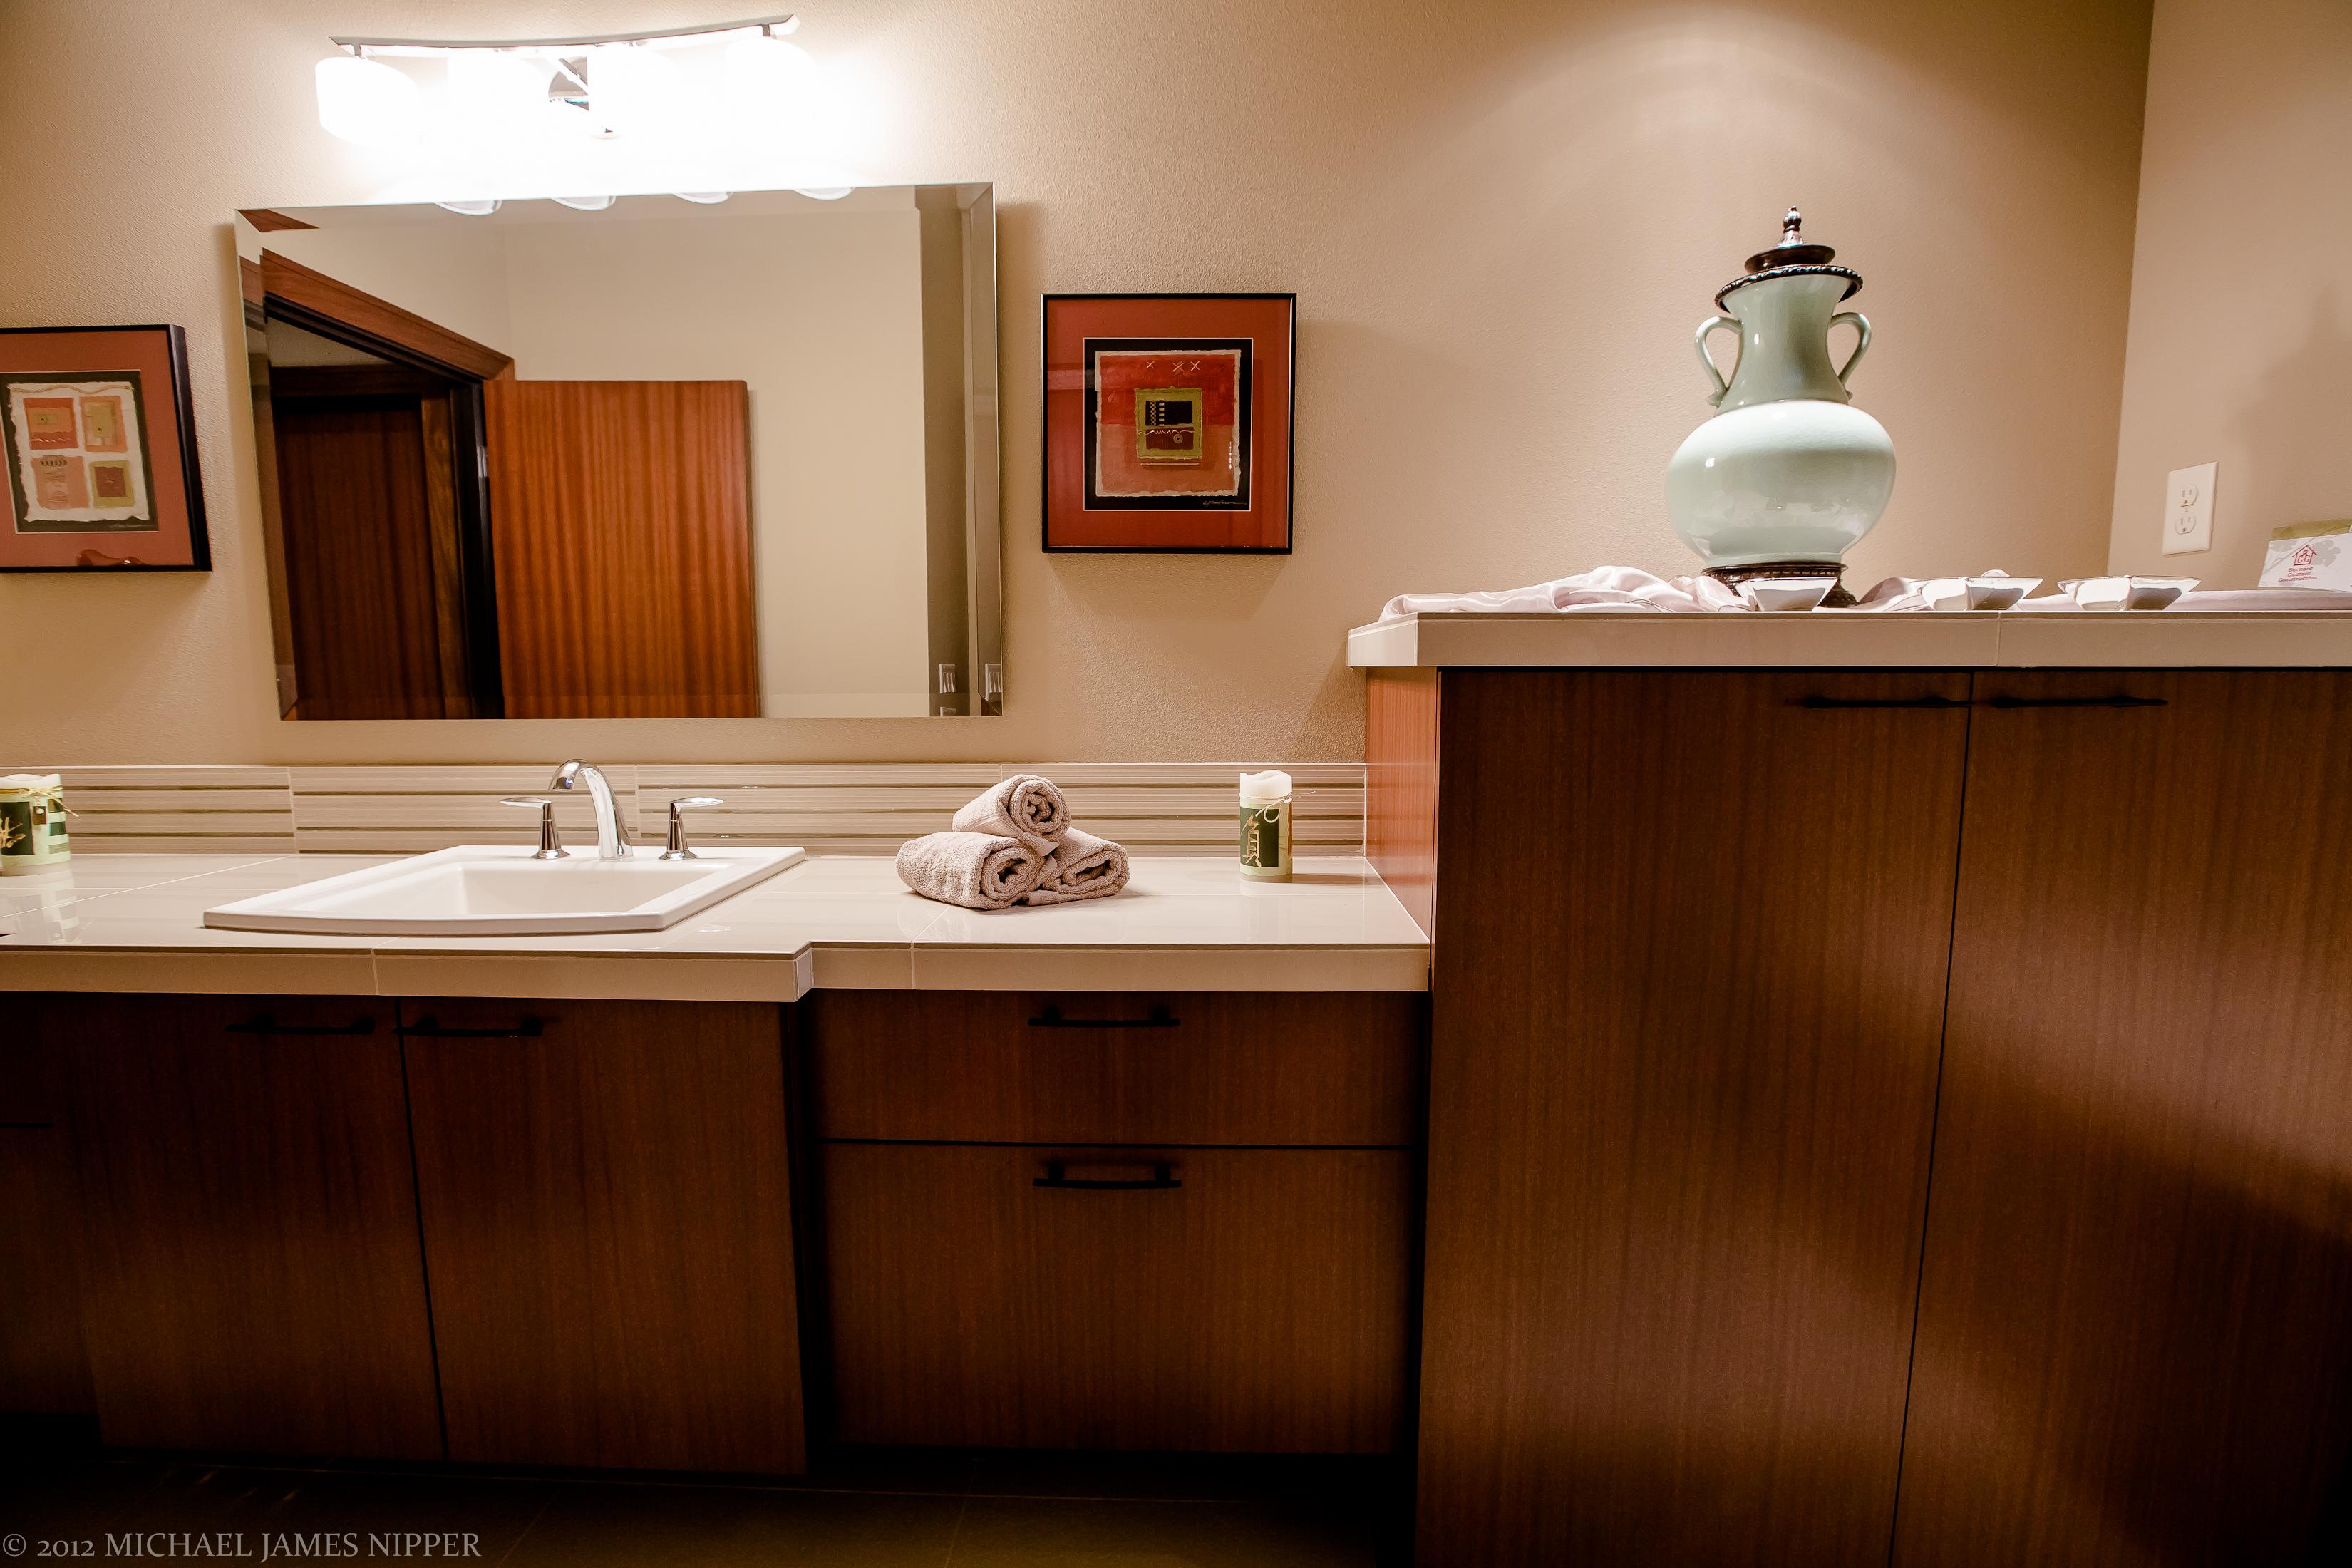 Guest bedroom bath sinks of 2013 Street of Dreams Custom Home 20-20 by Rick Bernard of Bernard Custom Homes.